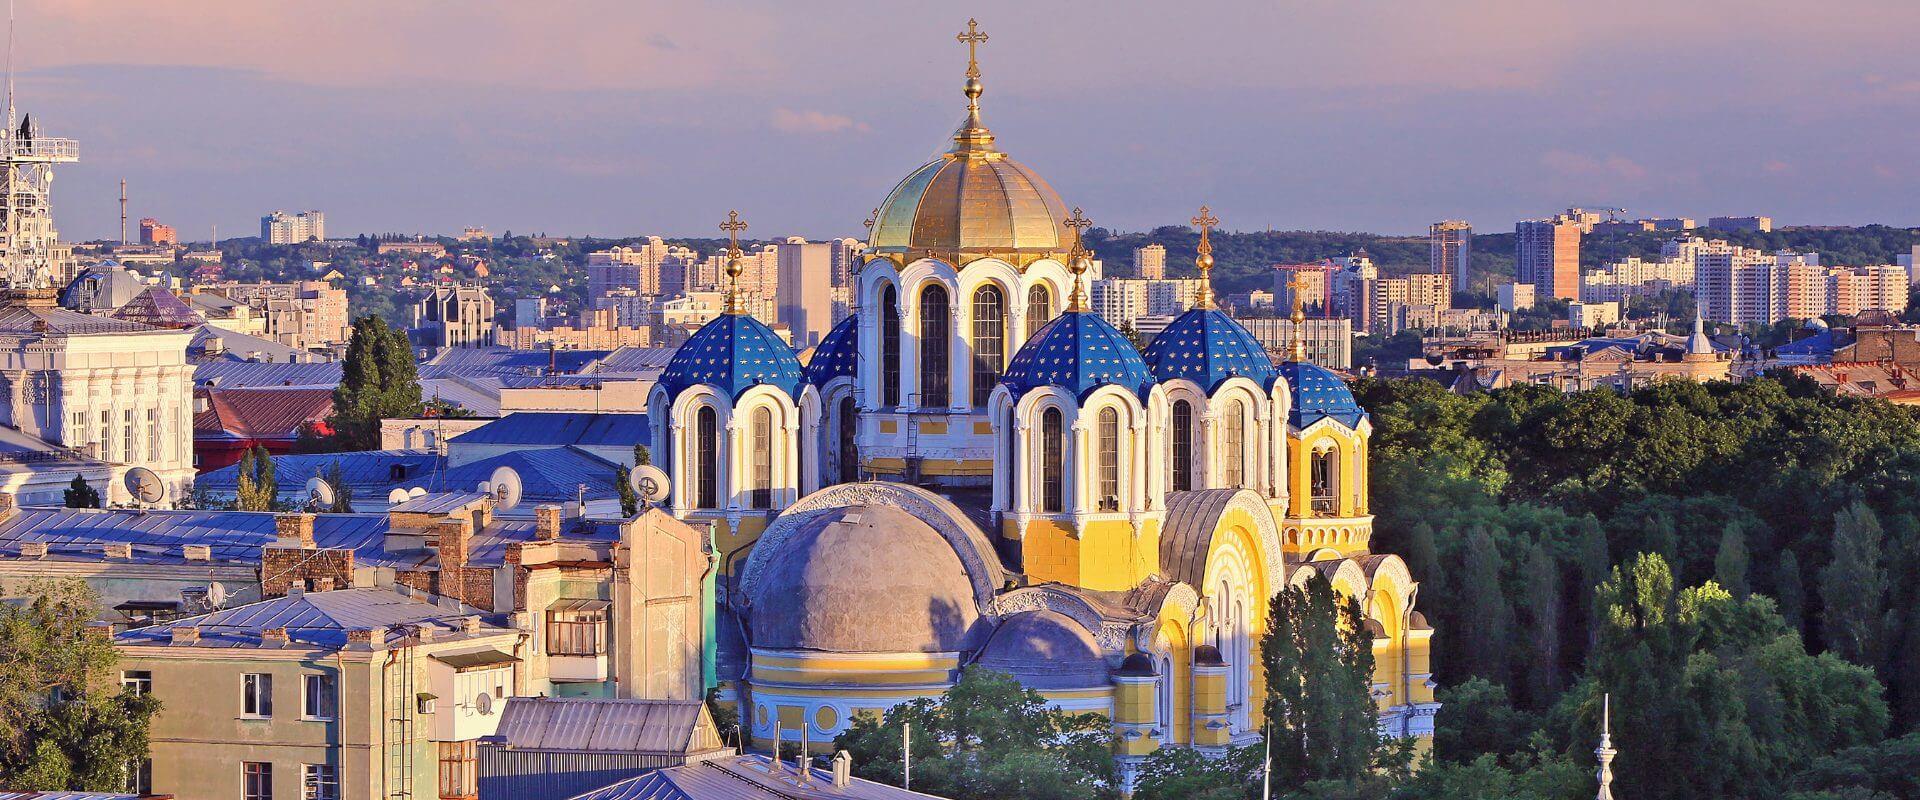 Bild Kiew